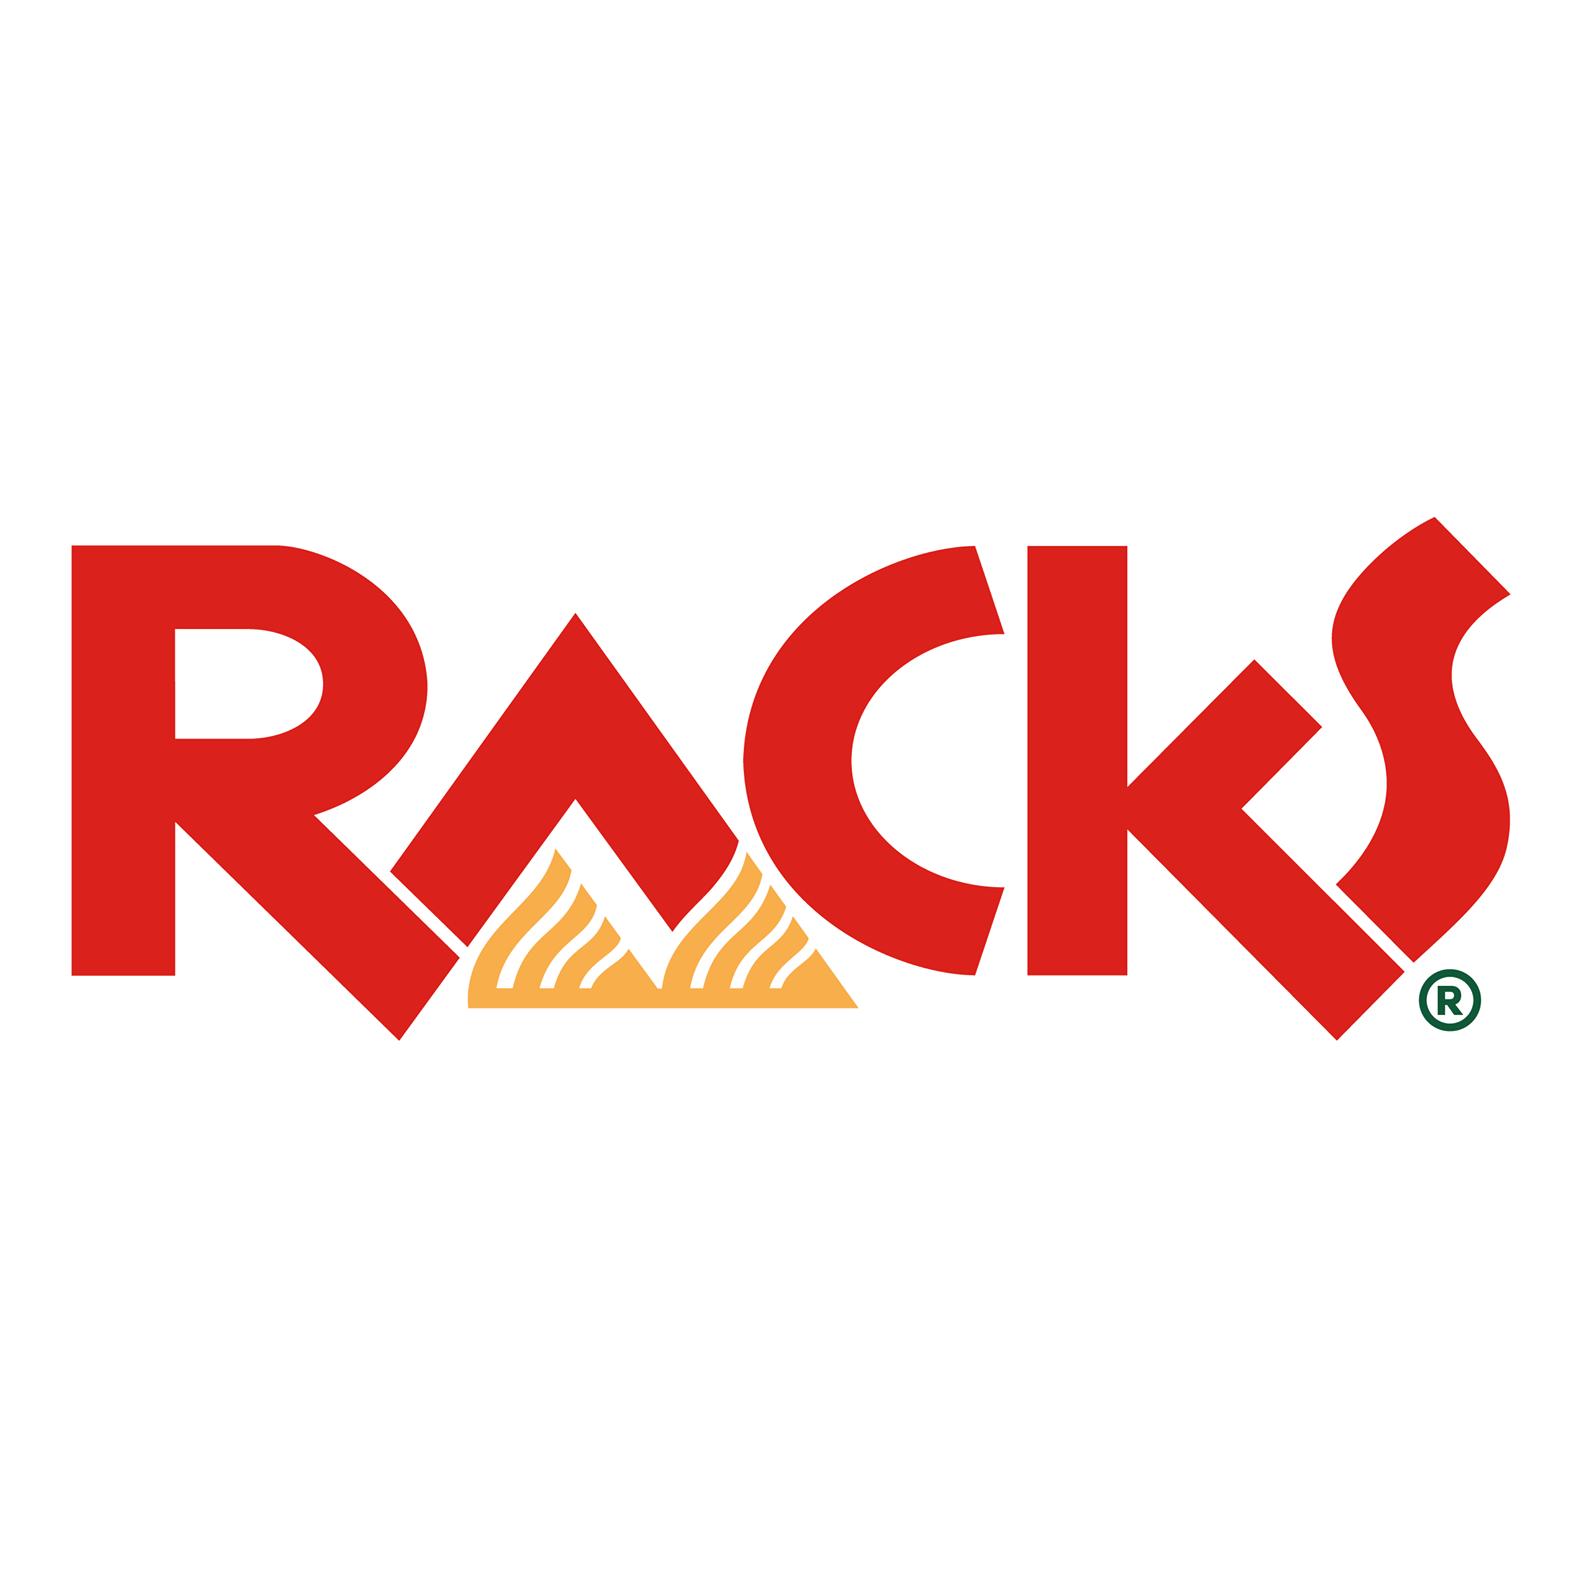 RACKS (Evia Lifestyle Center, Las Pinas) San Pedro